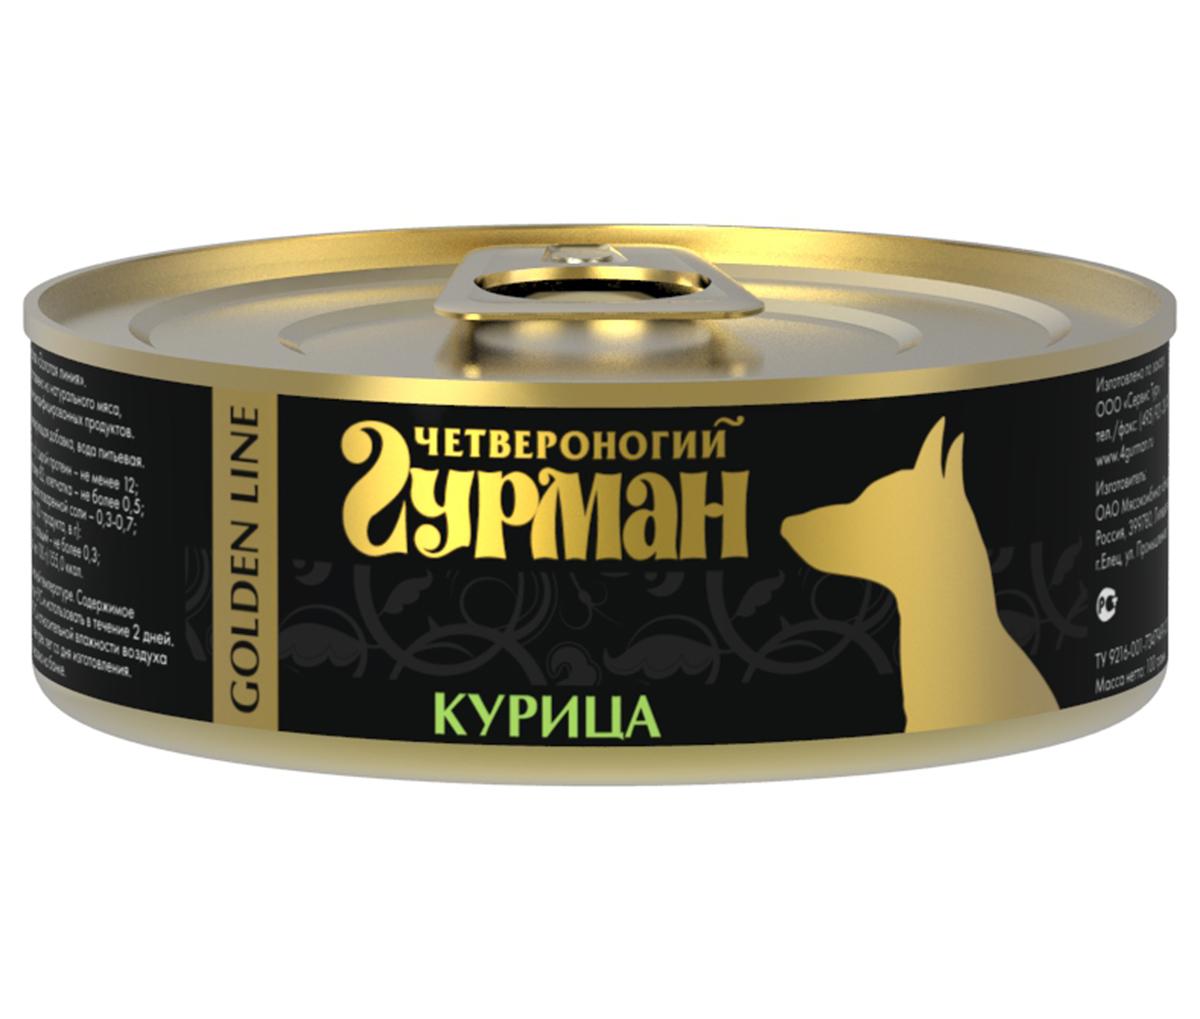 """Консервы для собак """"Четвероногий Гурман"""", с курицей, 100 г 47311"""